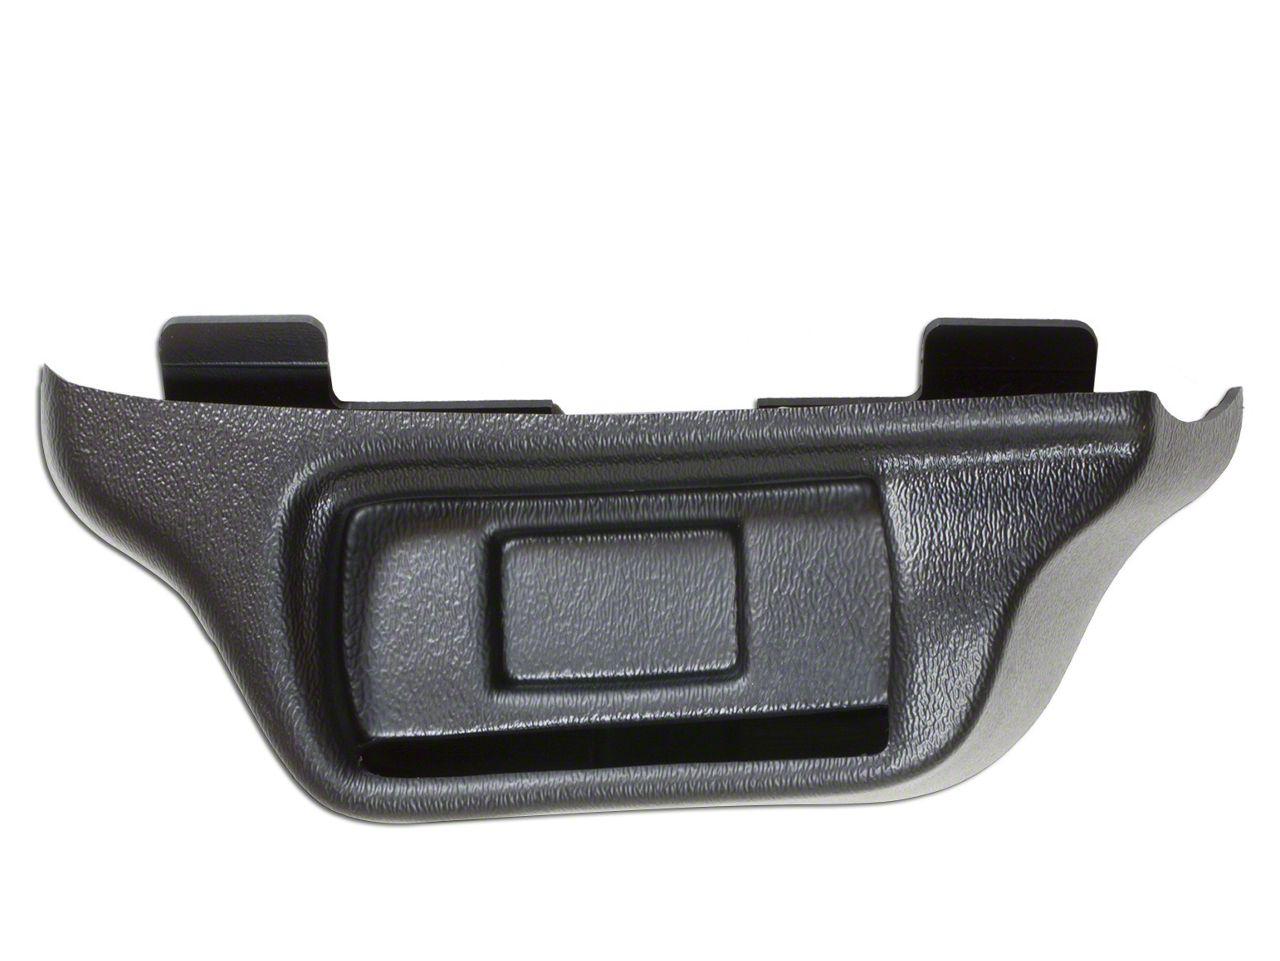 Auto Meter Overhead Console for Edge Attitude Tuner (03-07 RAM 1500)